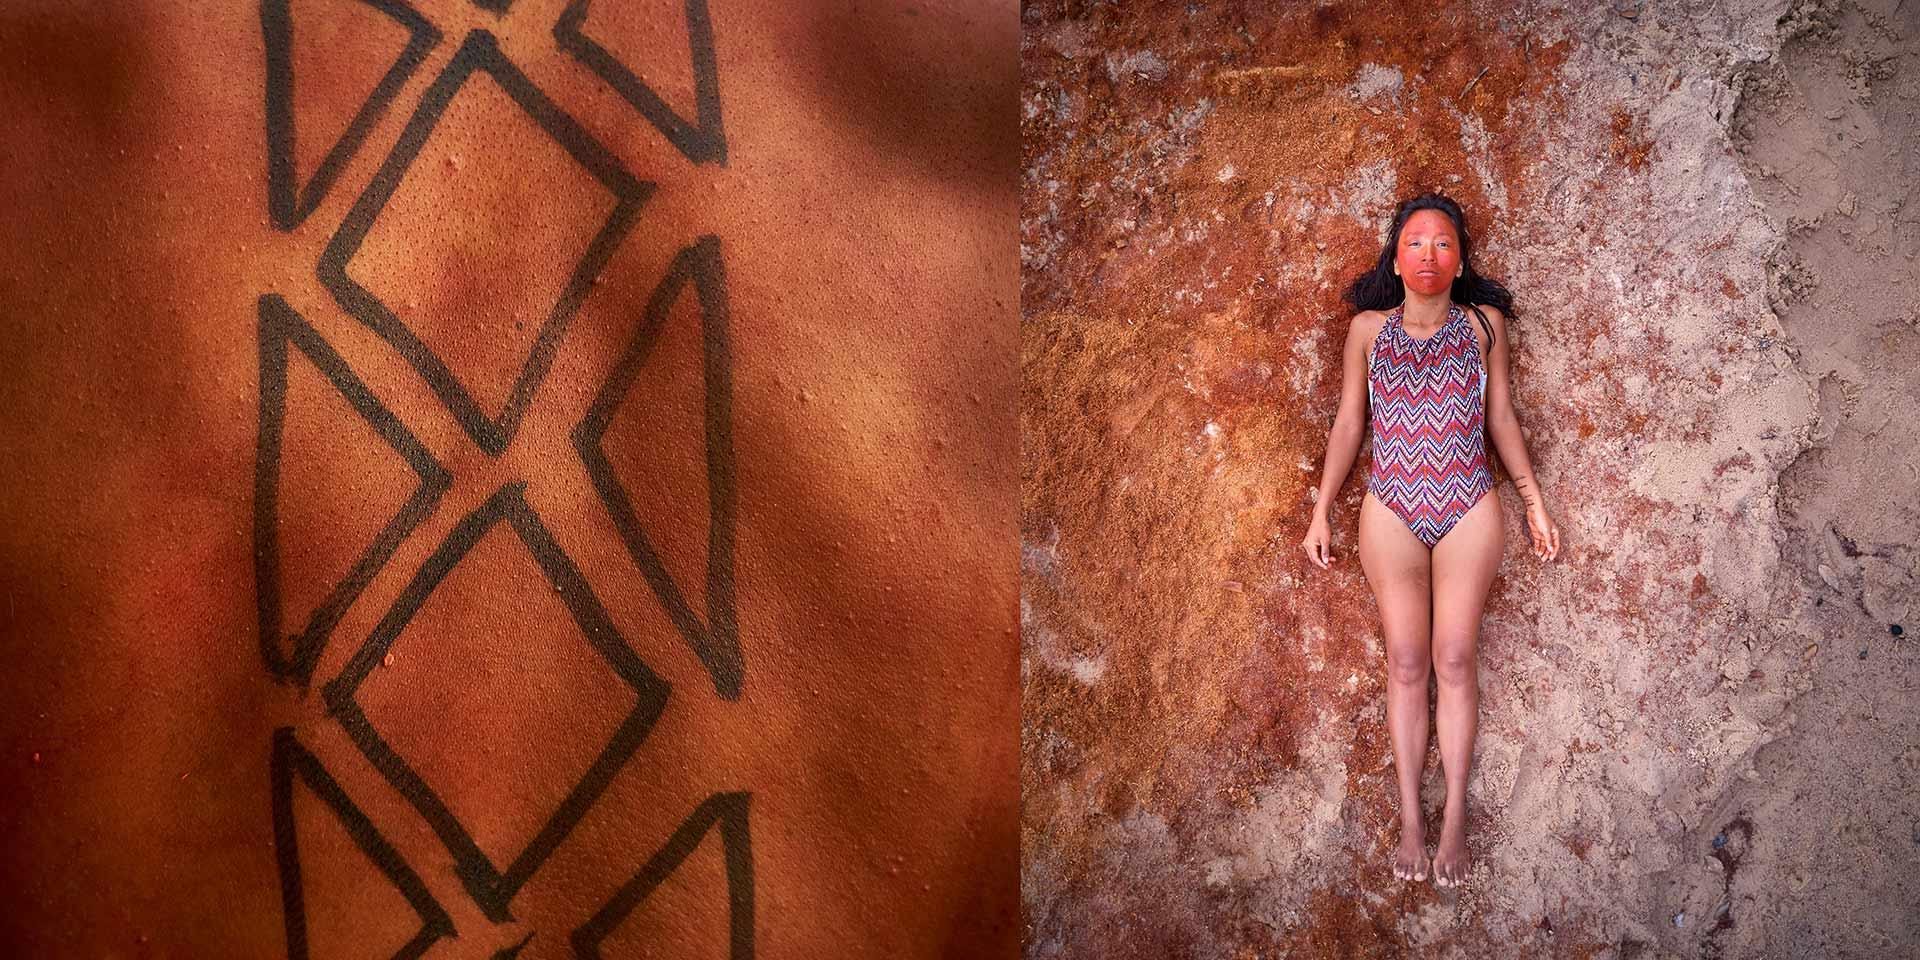 Una persona sdraiata a terra accato ad un close up di un tatuaggio